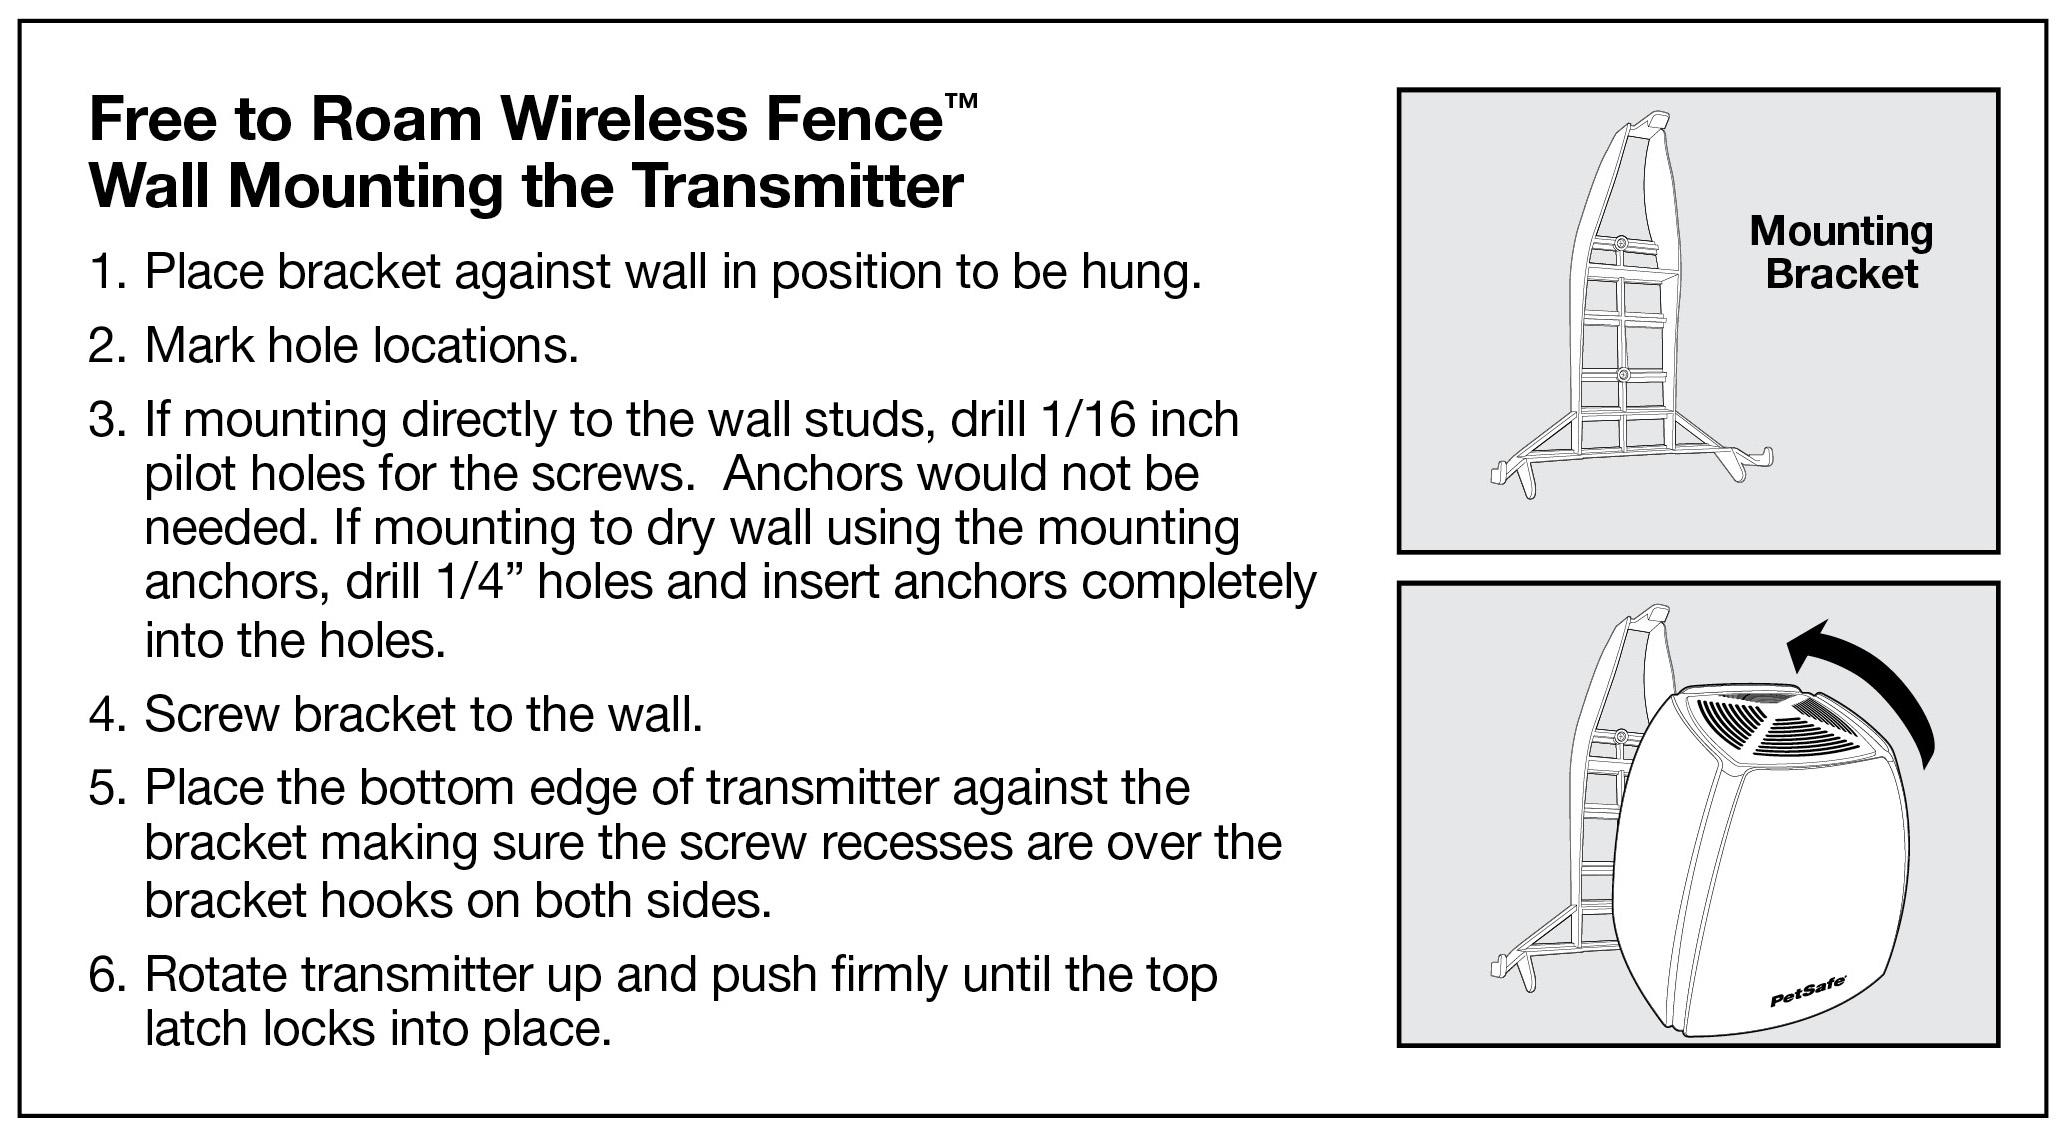 close - Petsafe Wireless Fence